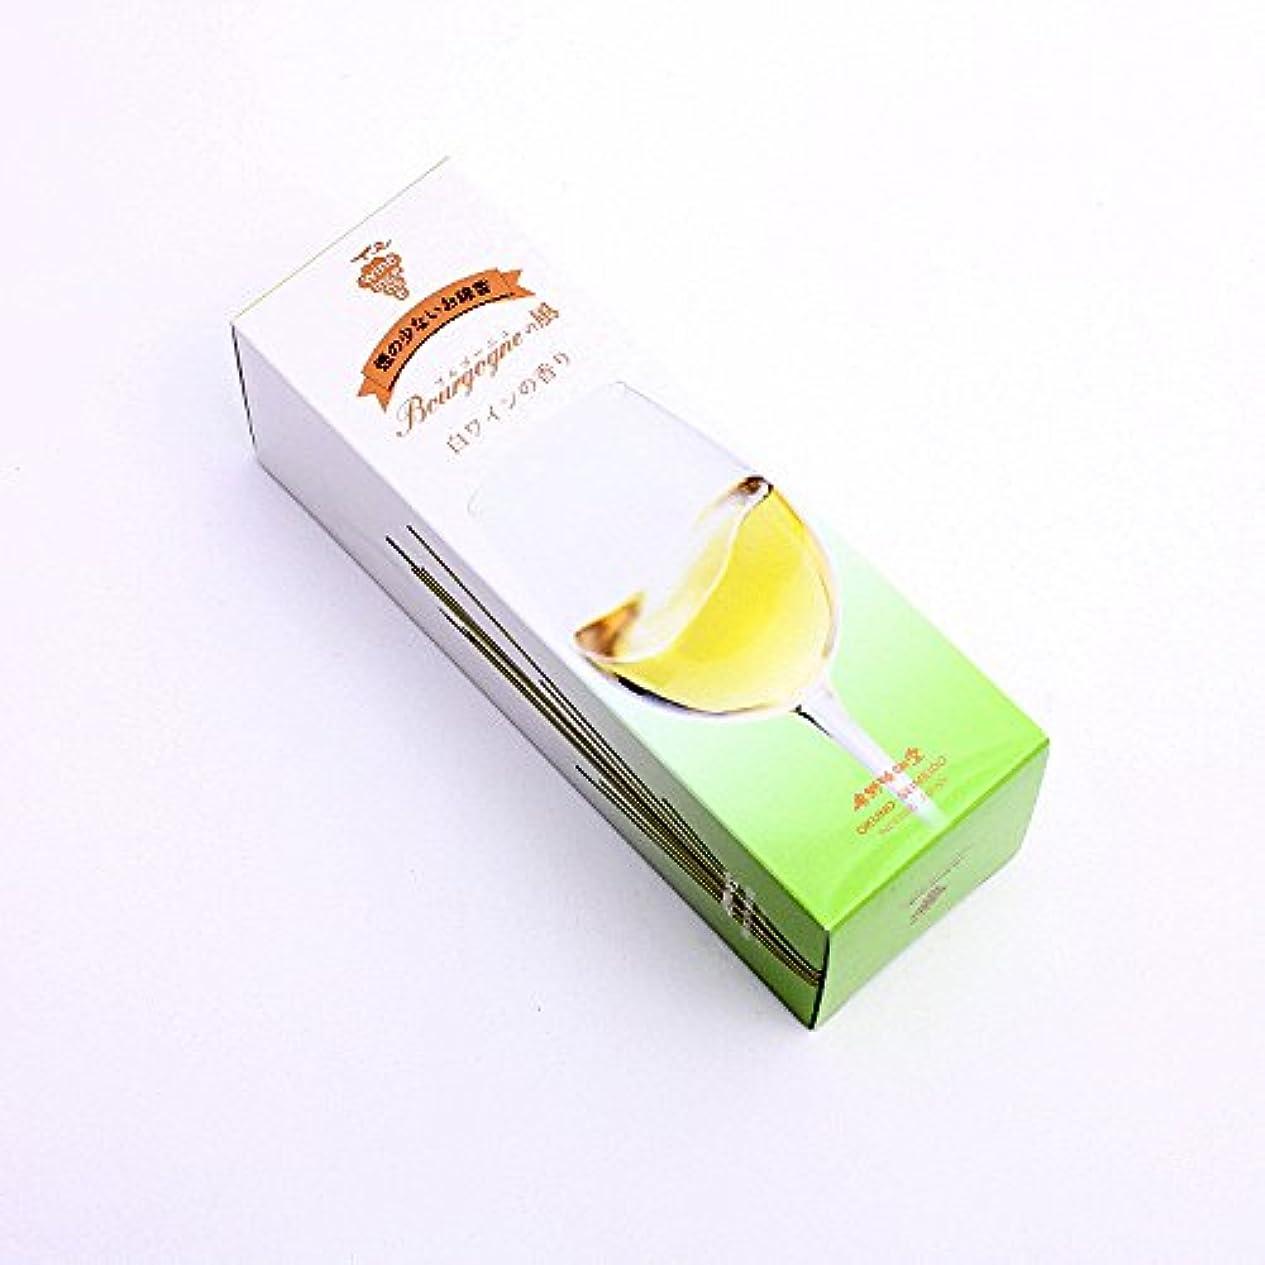 肥料海峡ひも失敗ワインの香りのお線香 奥野晴明堂 Bourgogne(ブルゴーニュ)の風 白ワインの香り 筒型1本入り 28-2 微煙タイプ